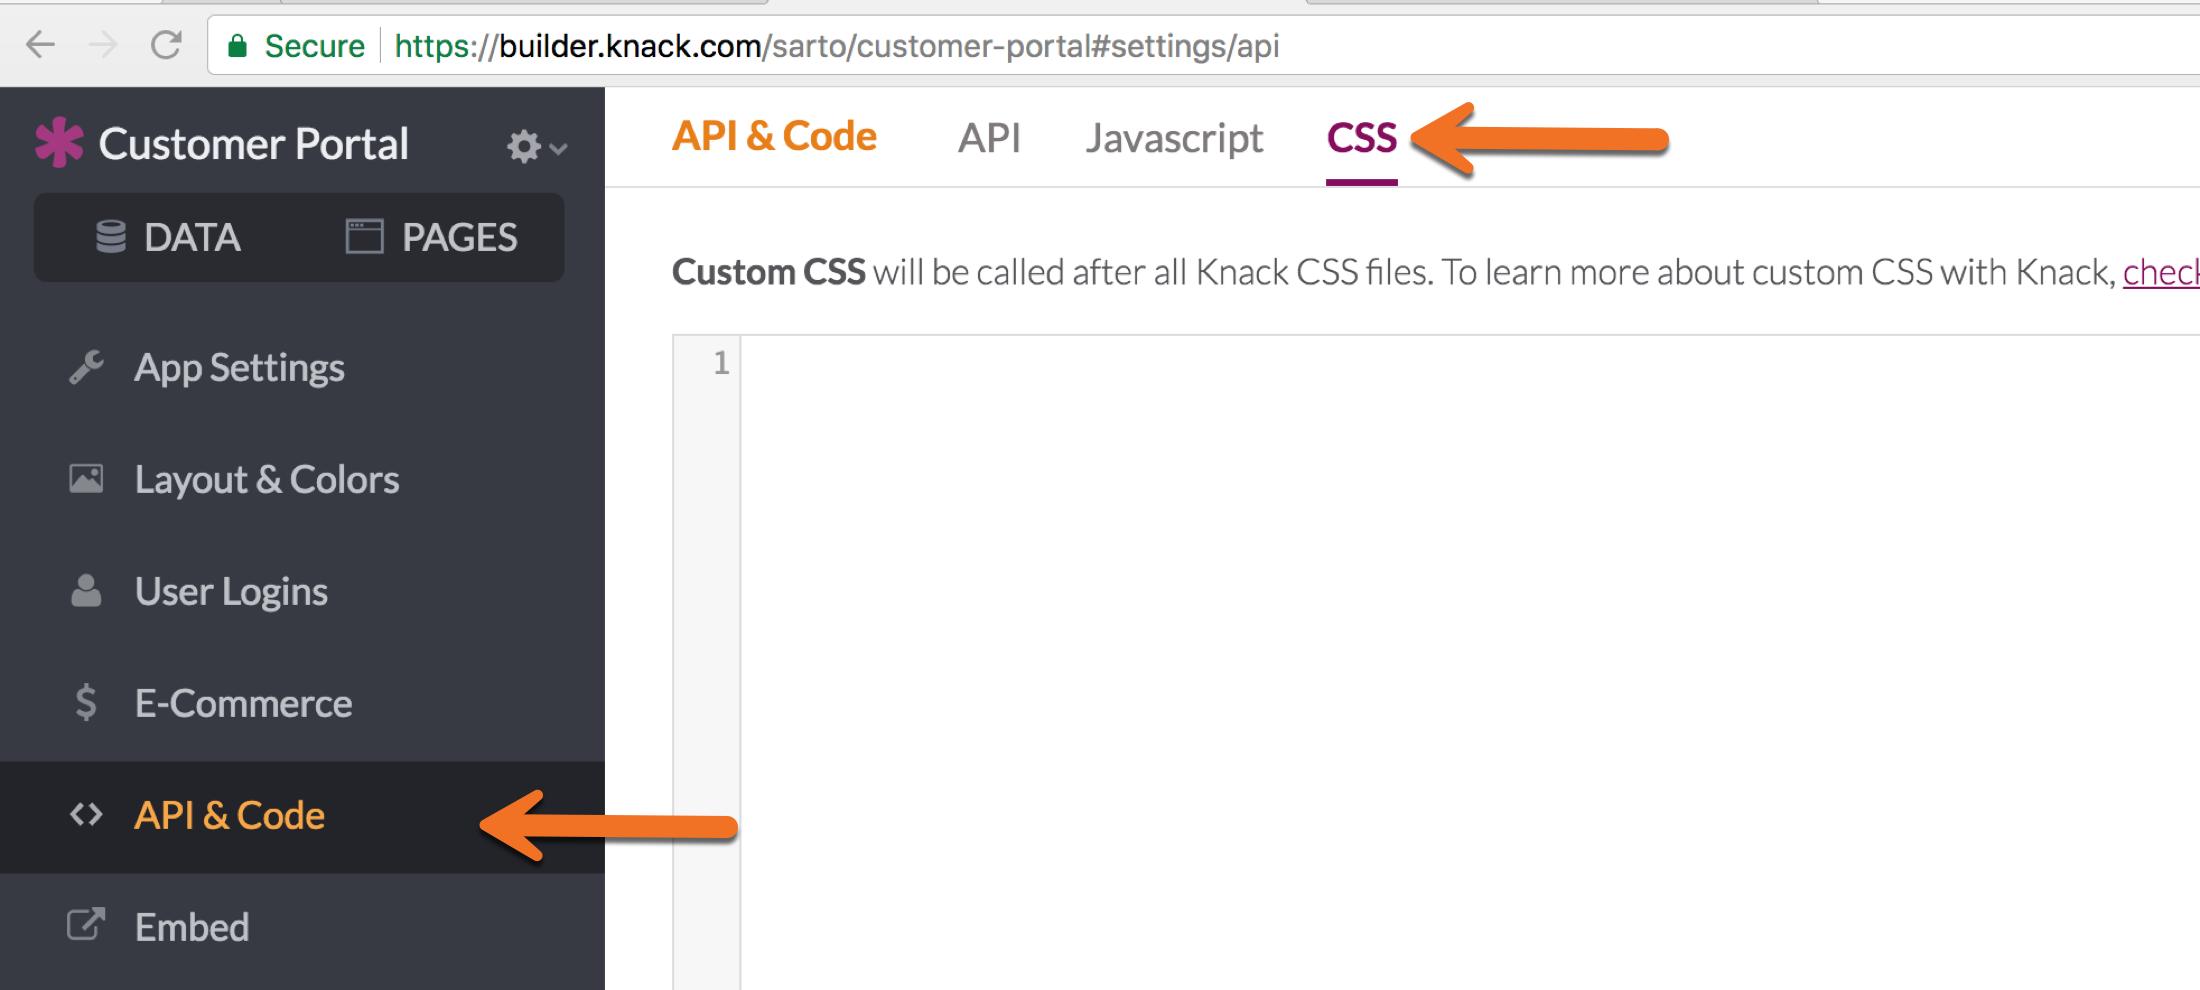 Knack Developer Docs